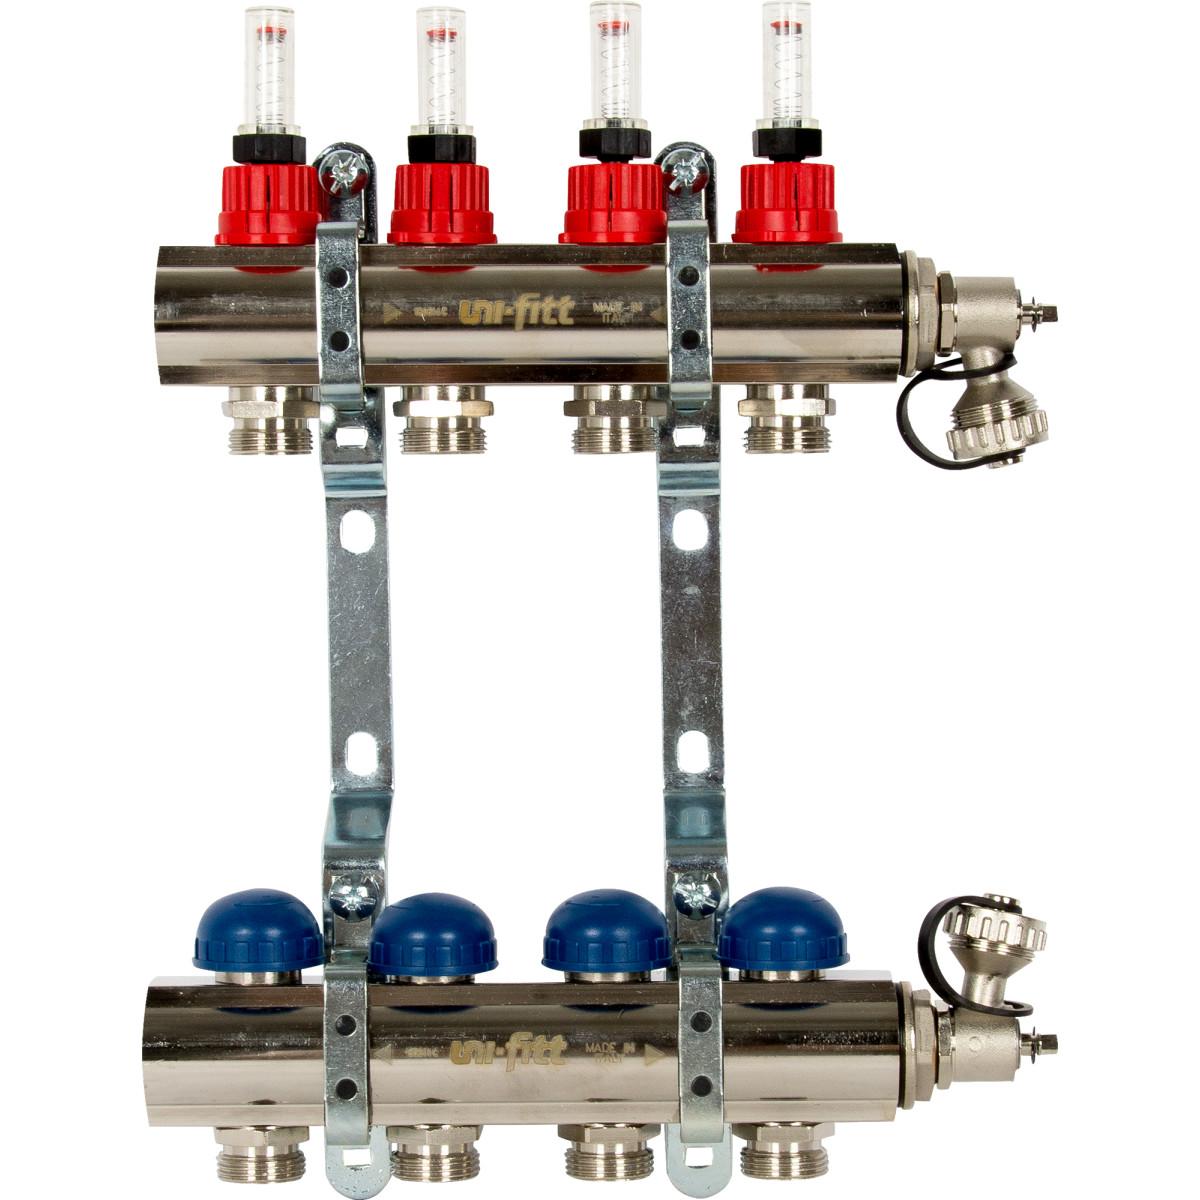 Коллекторная группа Uni-Fitt со встроенными расходомерами 1&#34х3/4&#34 4 выхода